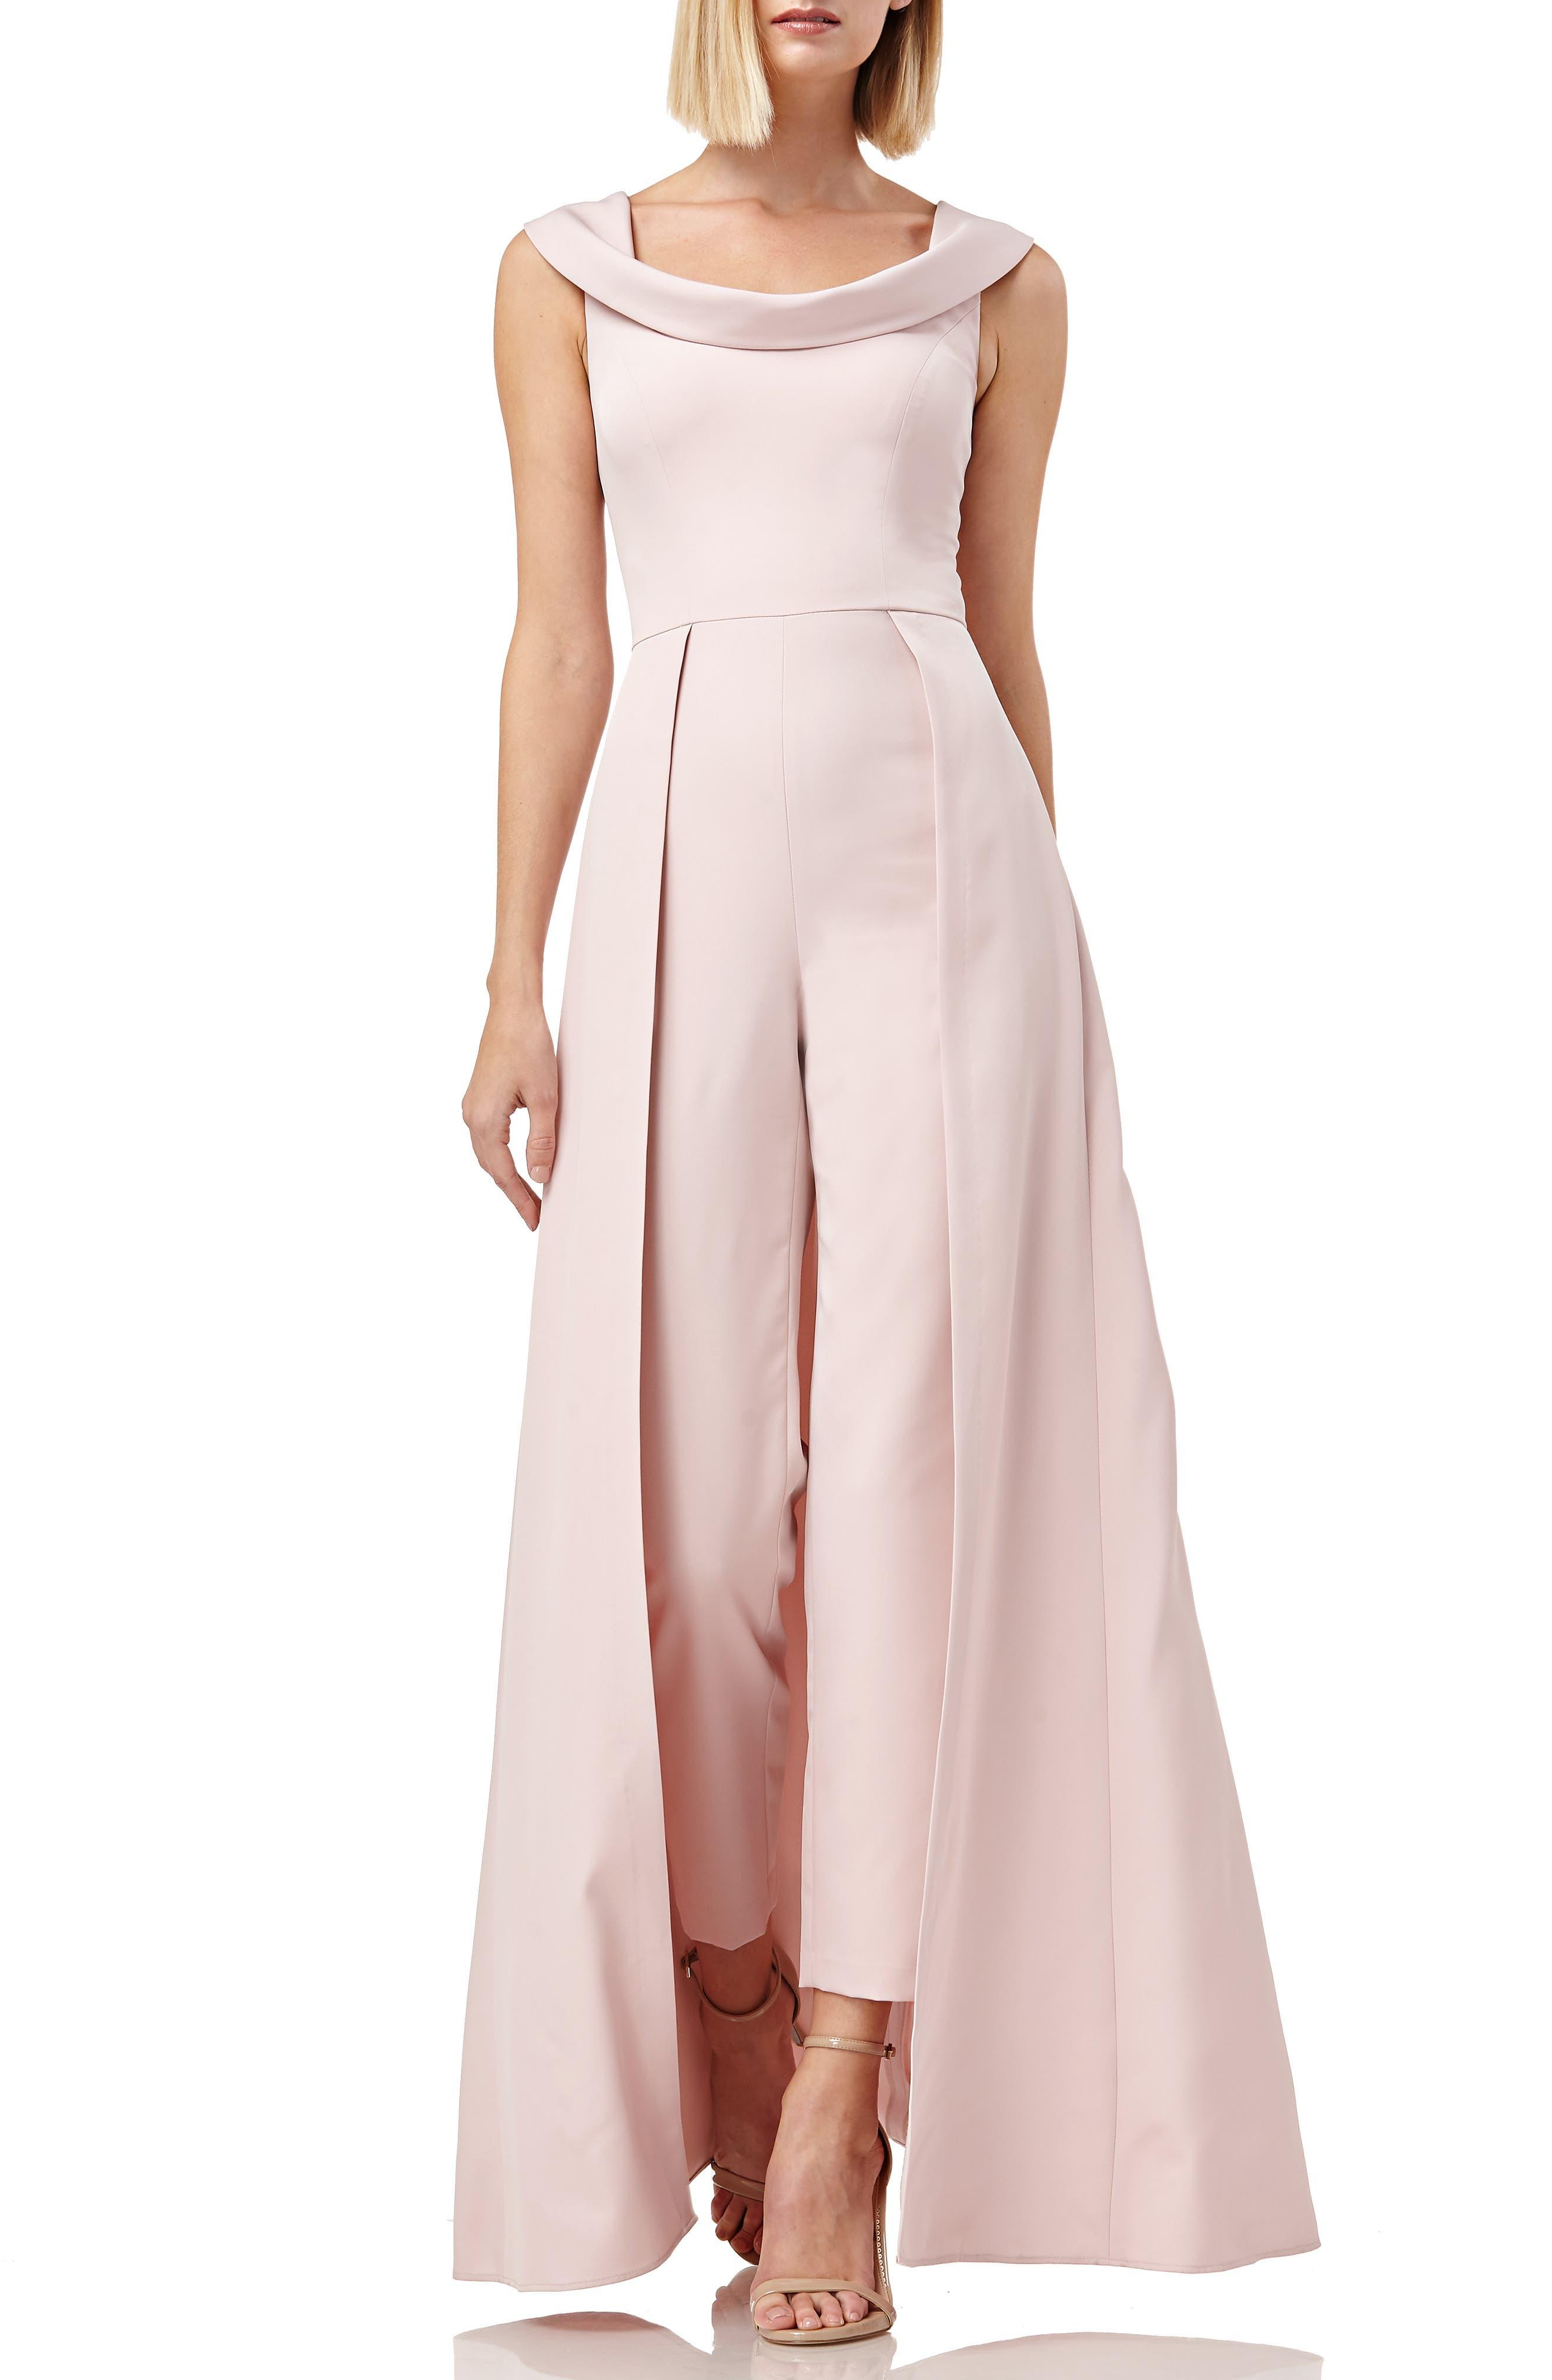 KAY UNGER Jumpsuit Gown, Main, color, BLUSH